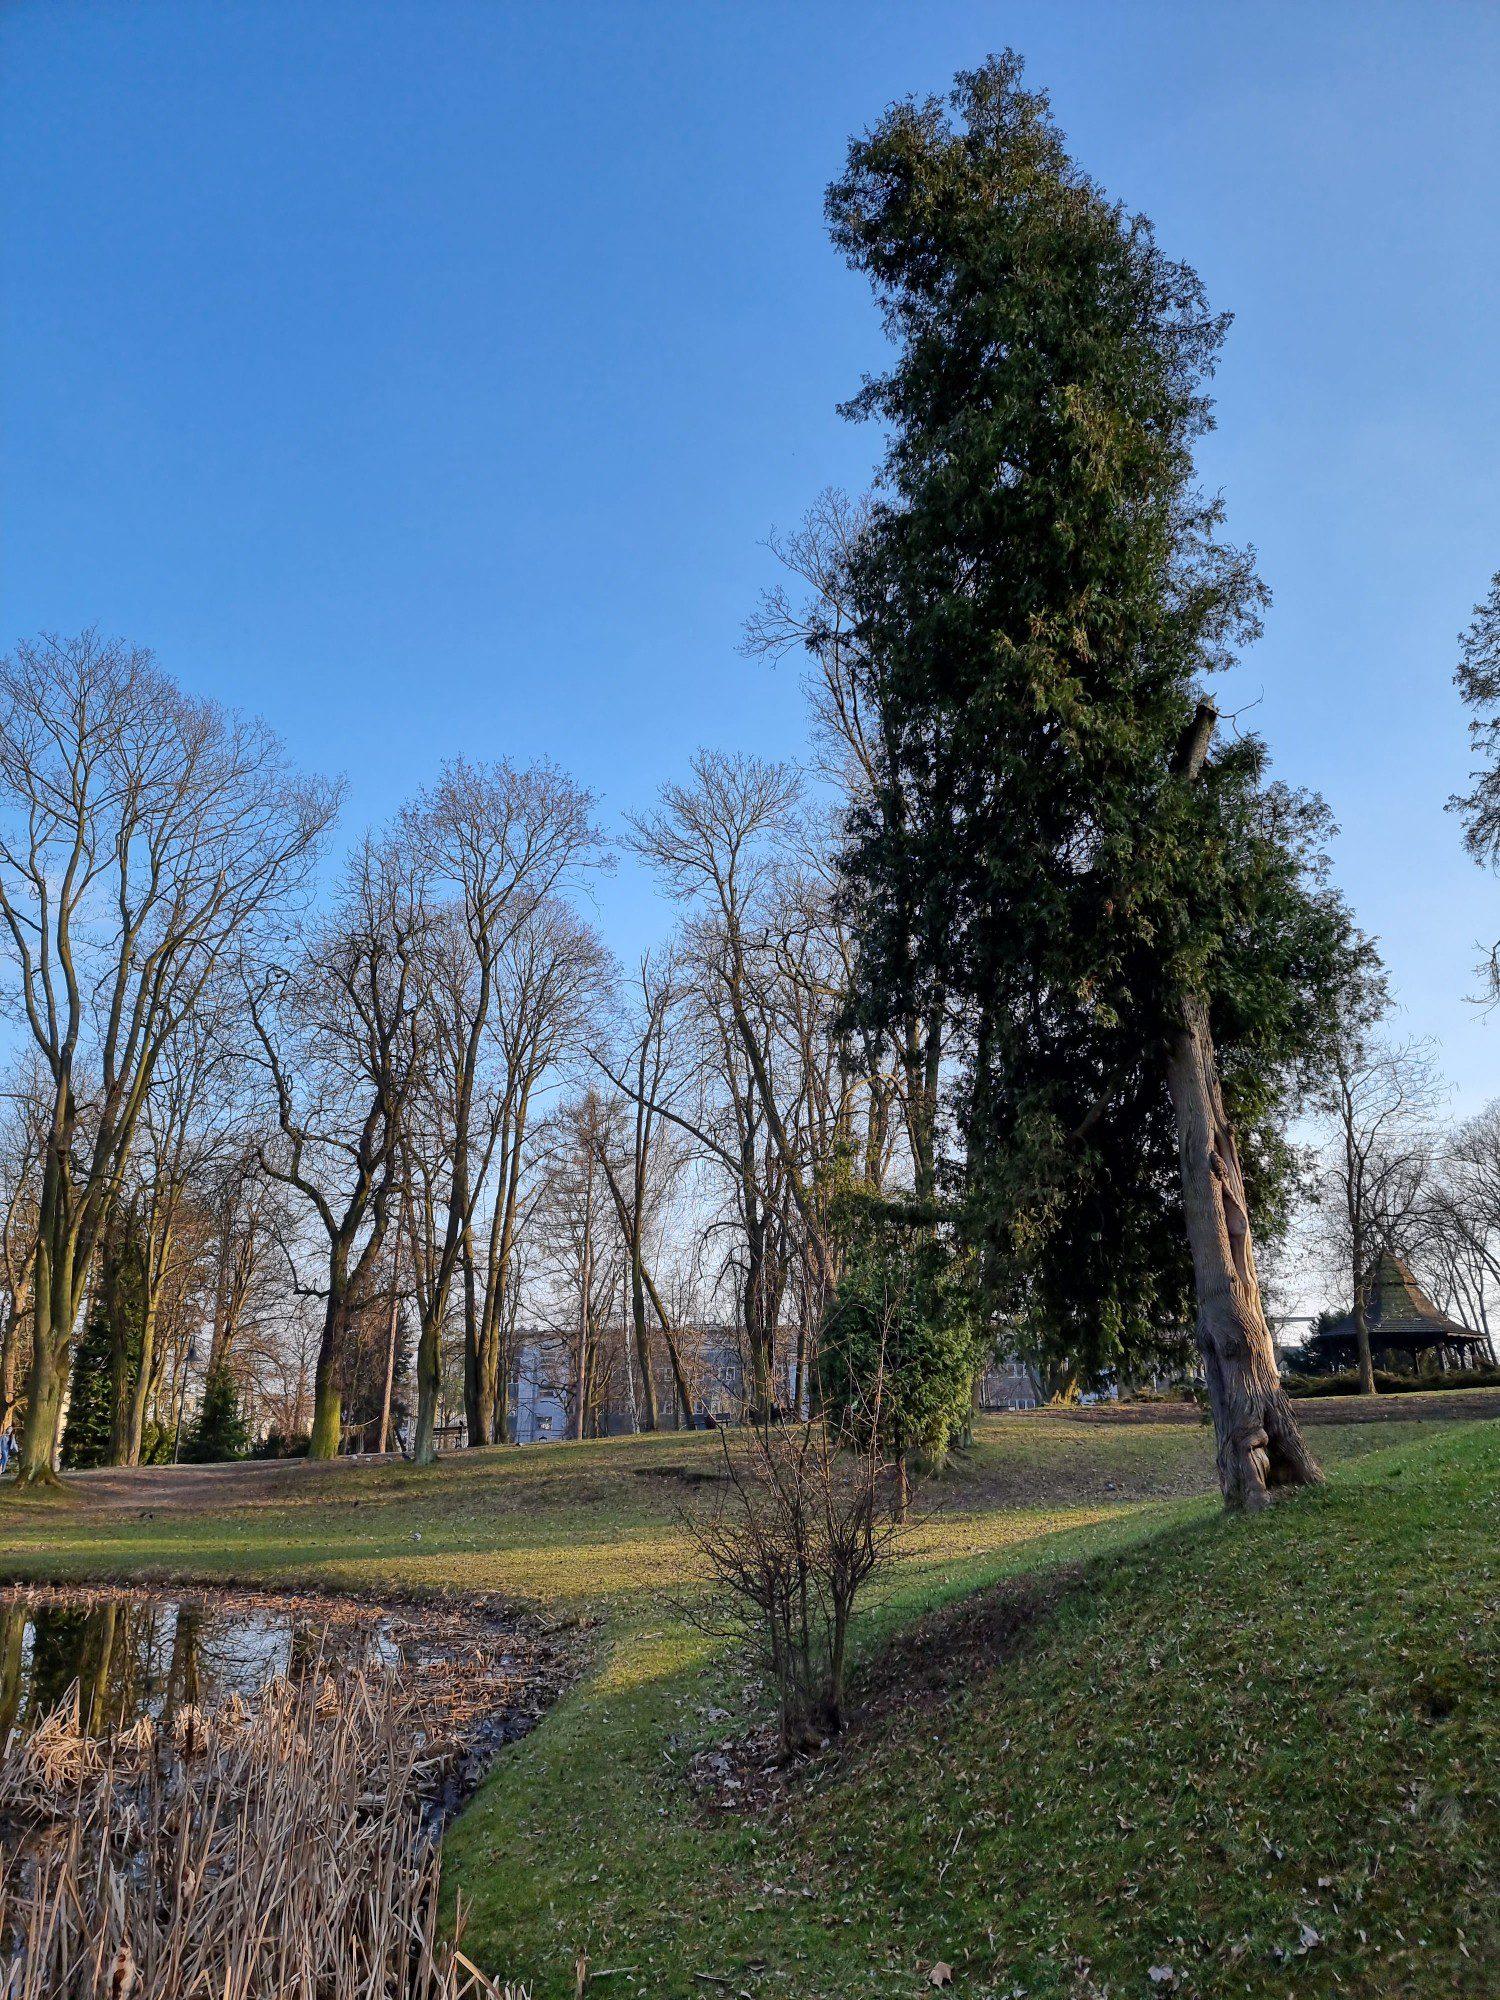 drzewo zdjęcie standardowe Samsung Galaxy S21 Ultra